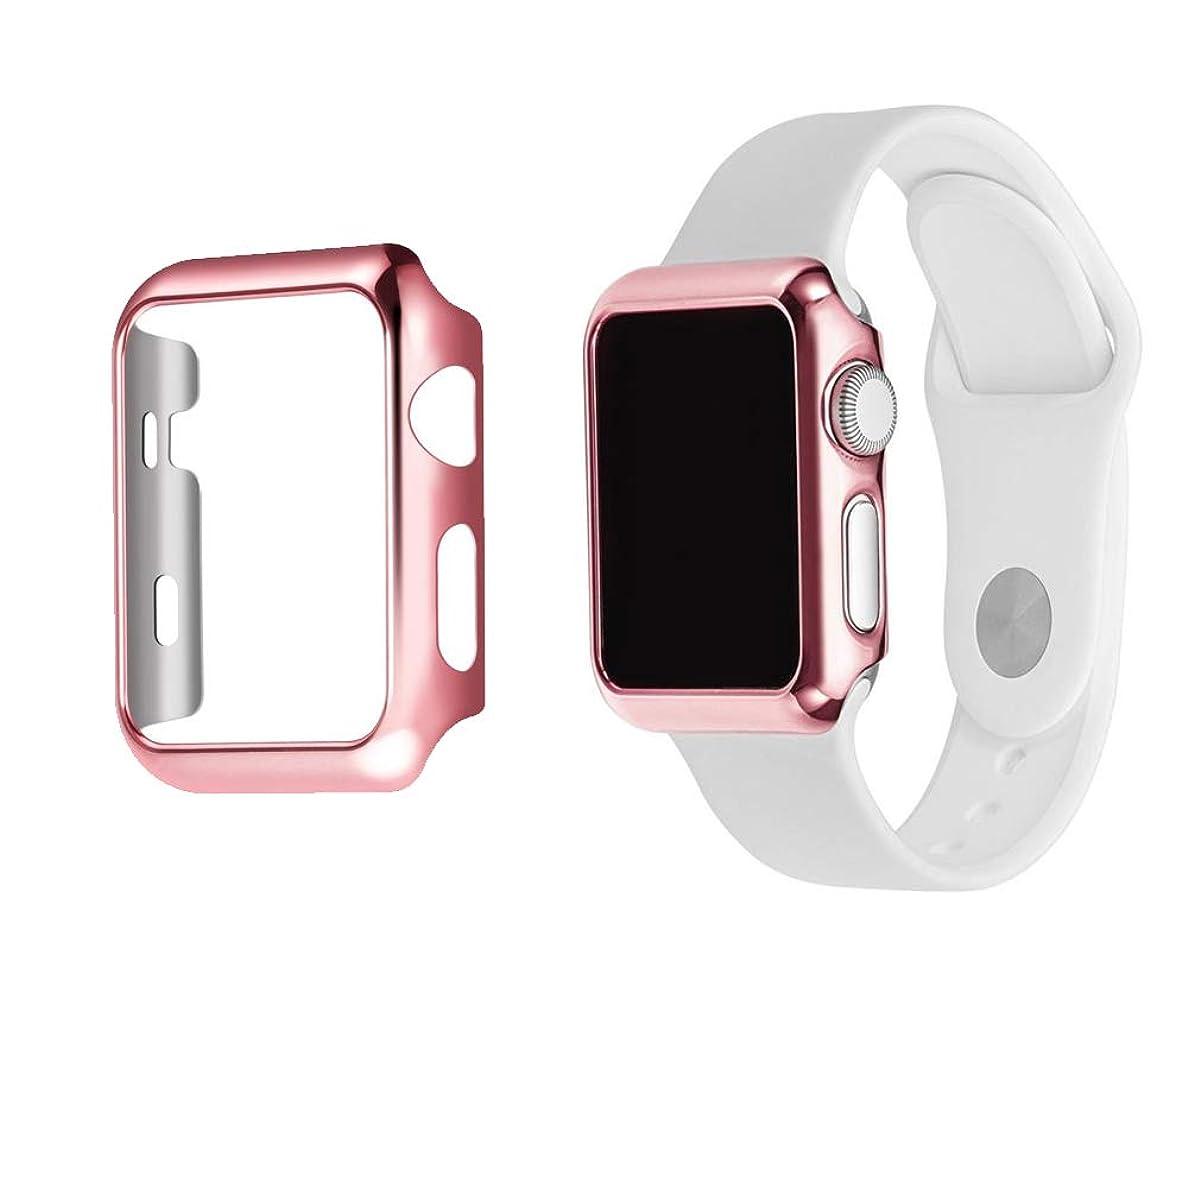 チャップ溶岩パキスタンAnkersaila ケース 対応 Apple Watch Series 3/2/1 42mm,メッキ高品質 PC ケース 耐衝撃性 超簿 脱着簡単 適応 ケース アップルウォッチ (42mm, ローズパウダー)